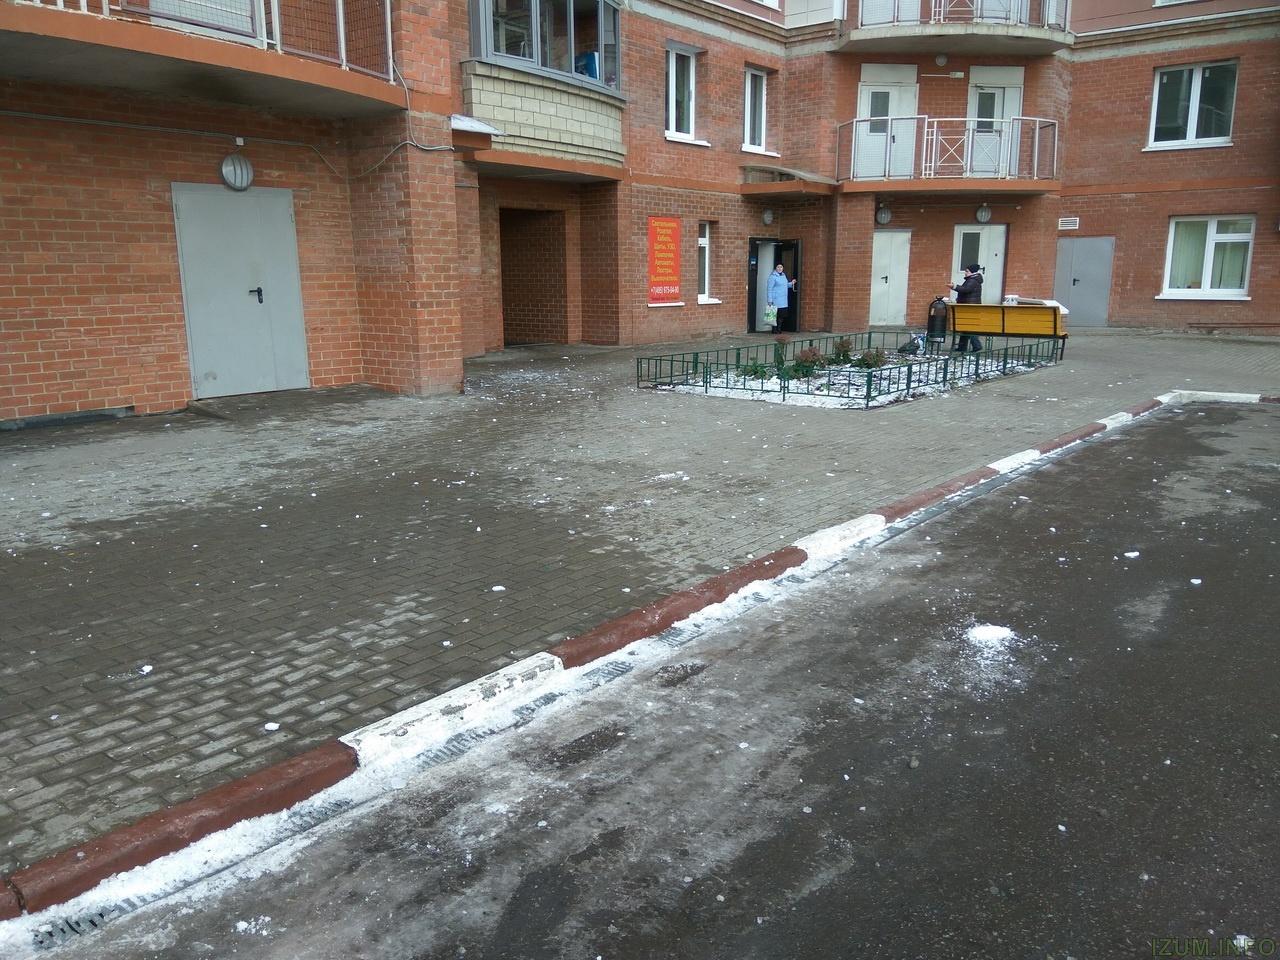 Изумрудные холмы лёд падает с крыш на тротуары (4)_новый размер.jpg